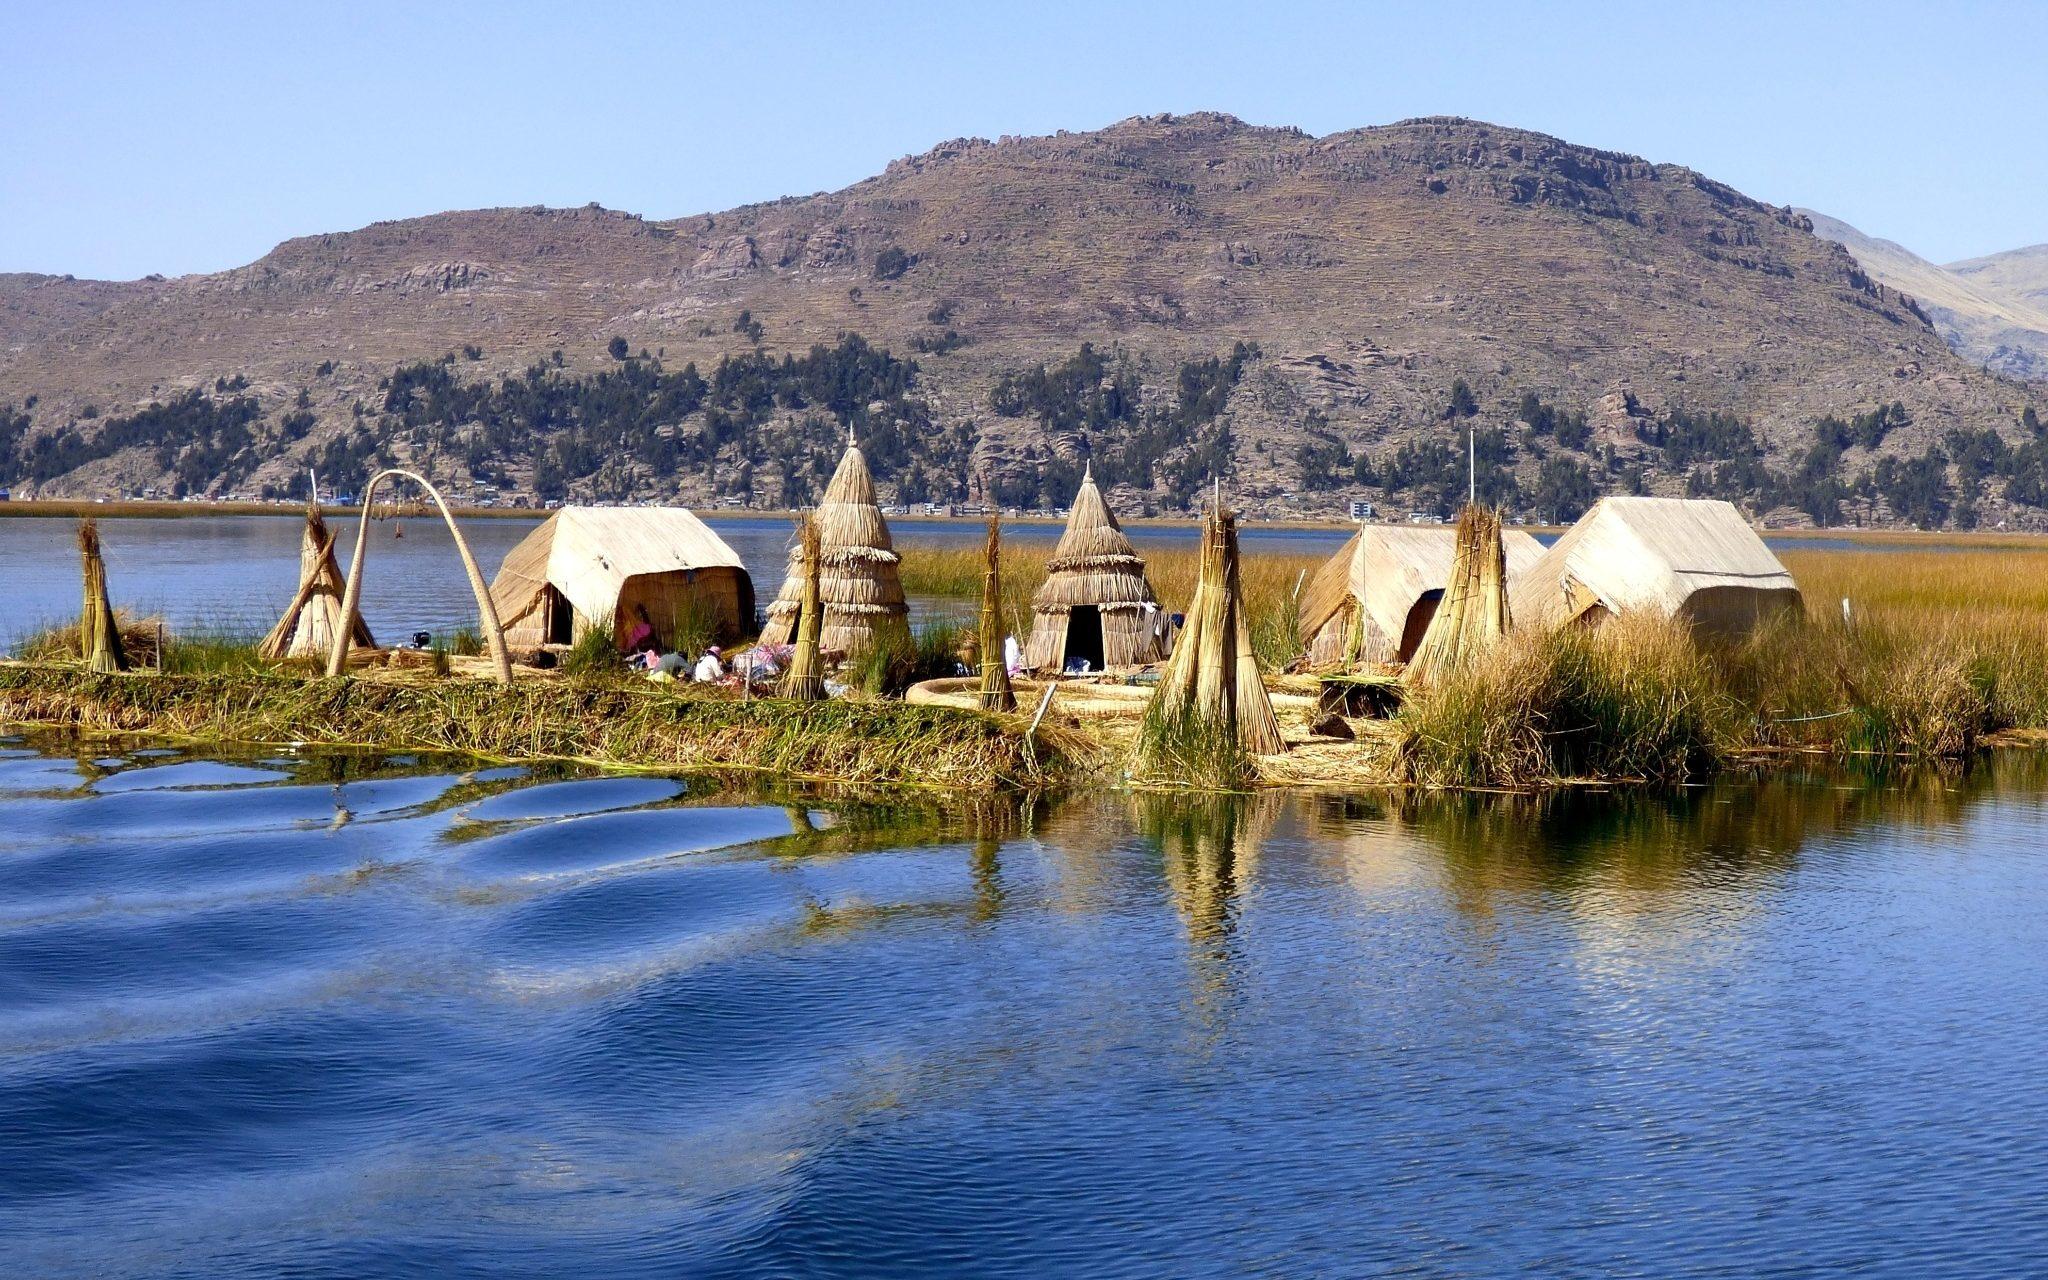 Lake-Titicaca-3-day-itinerary-island-kusa-treks-e1550519793565.jpg